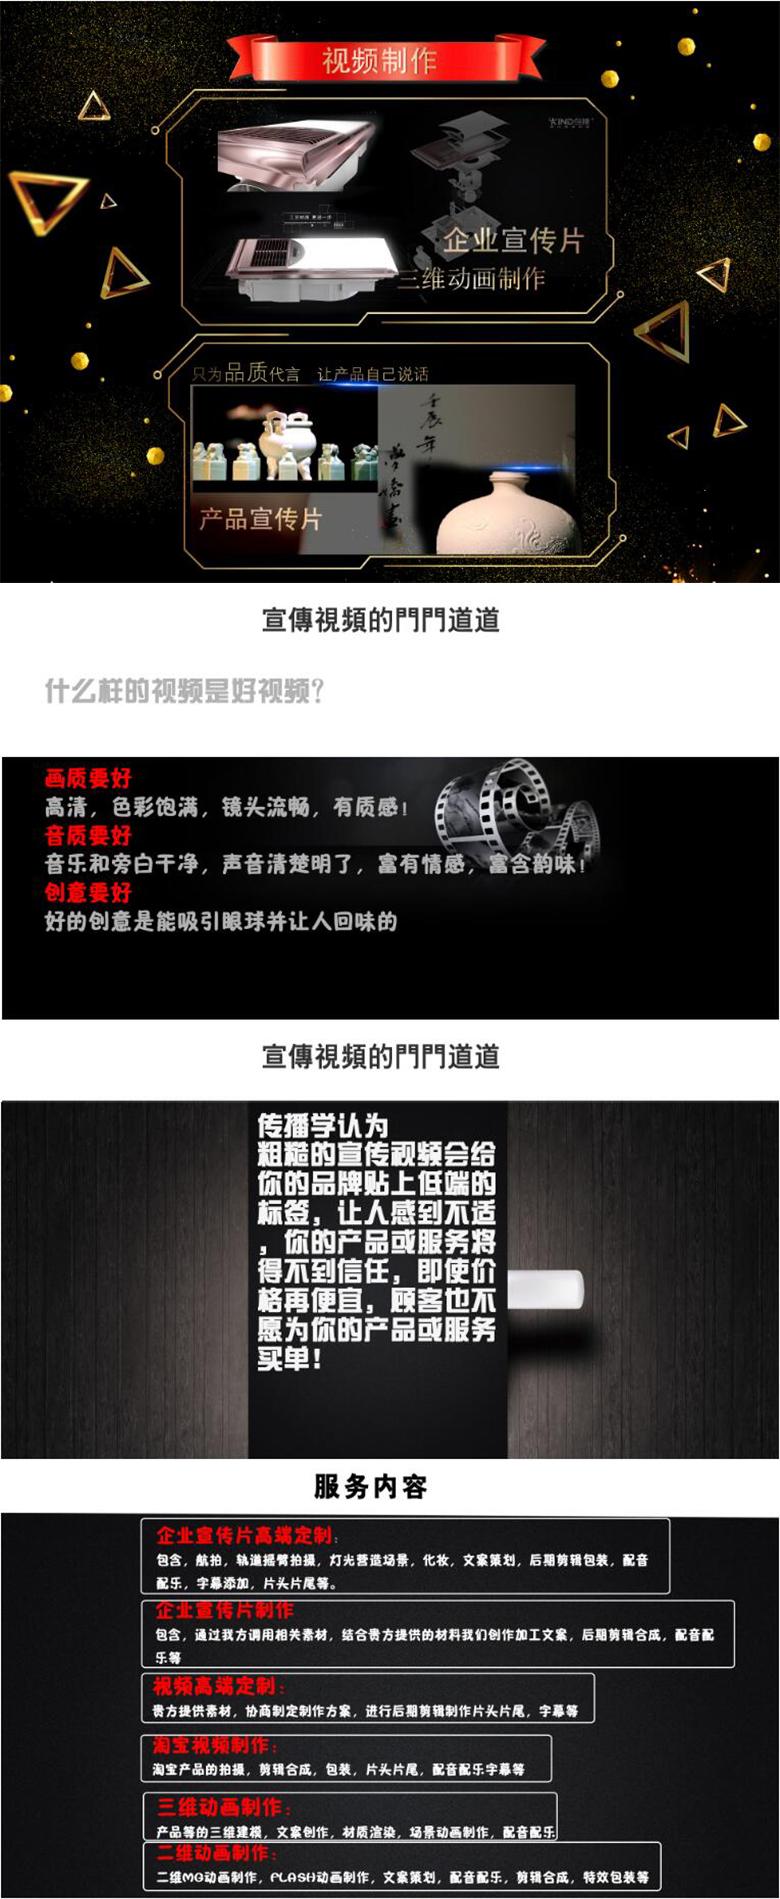 企业宣传片.jpg